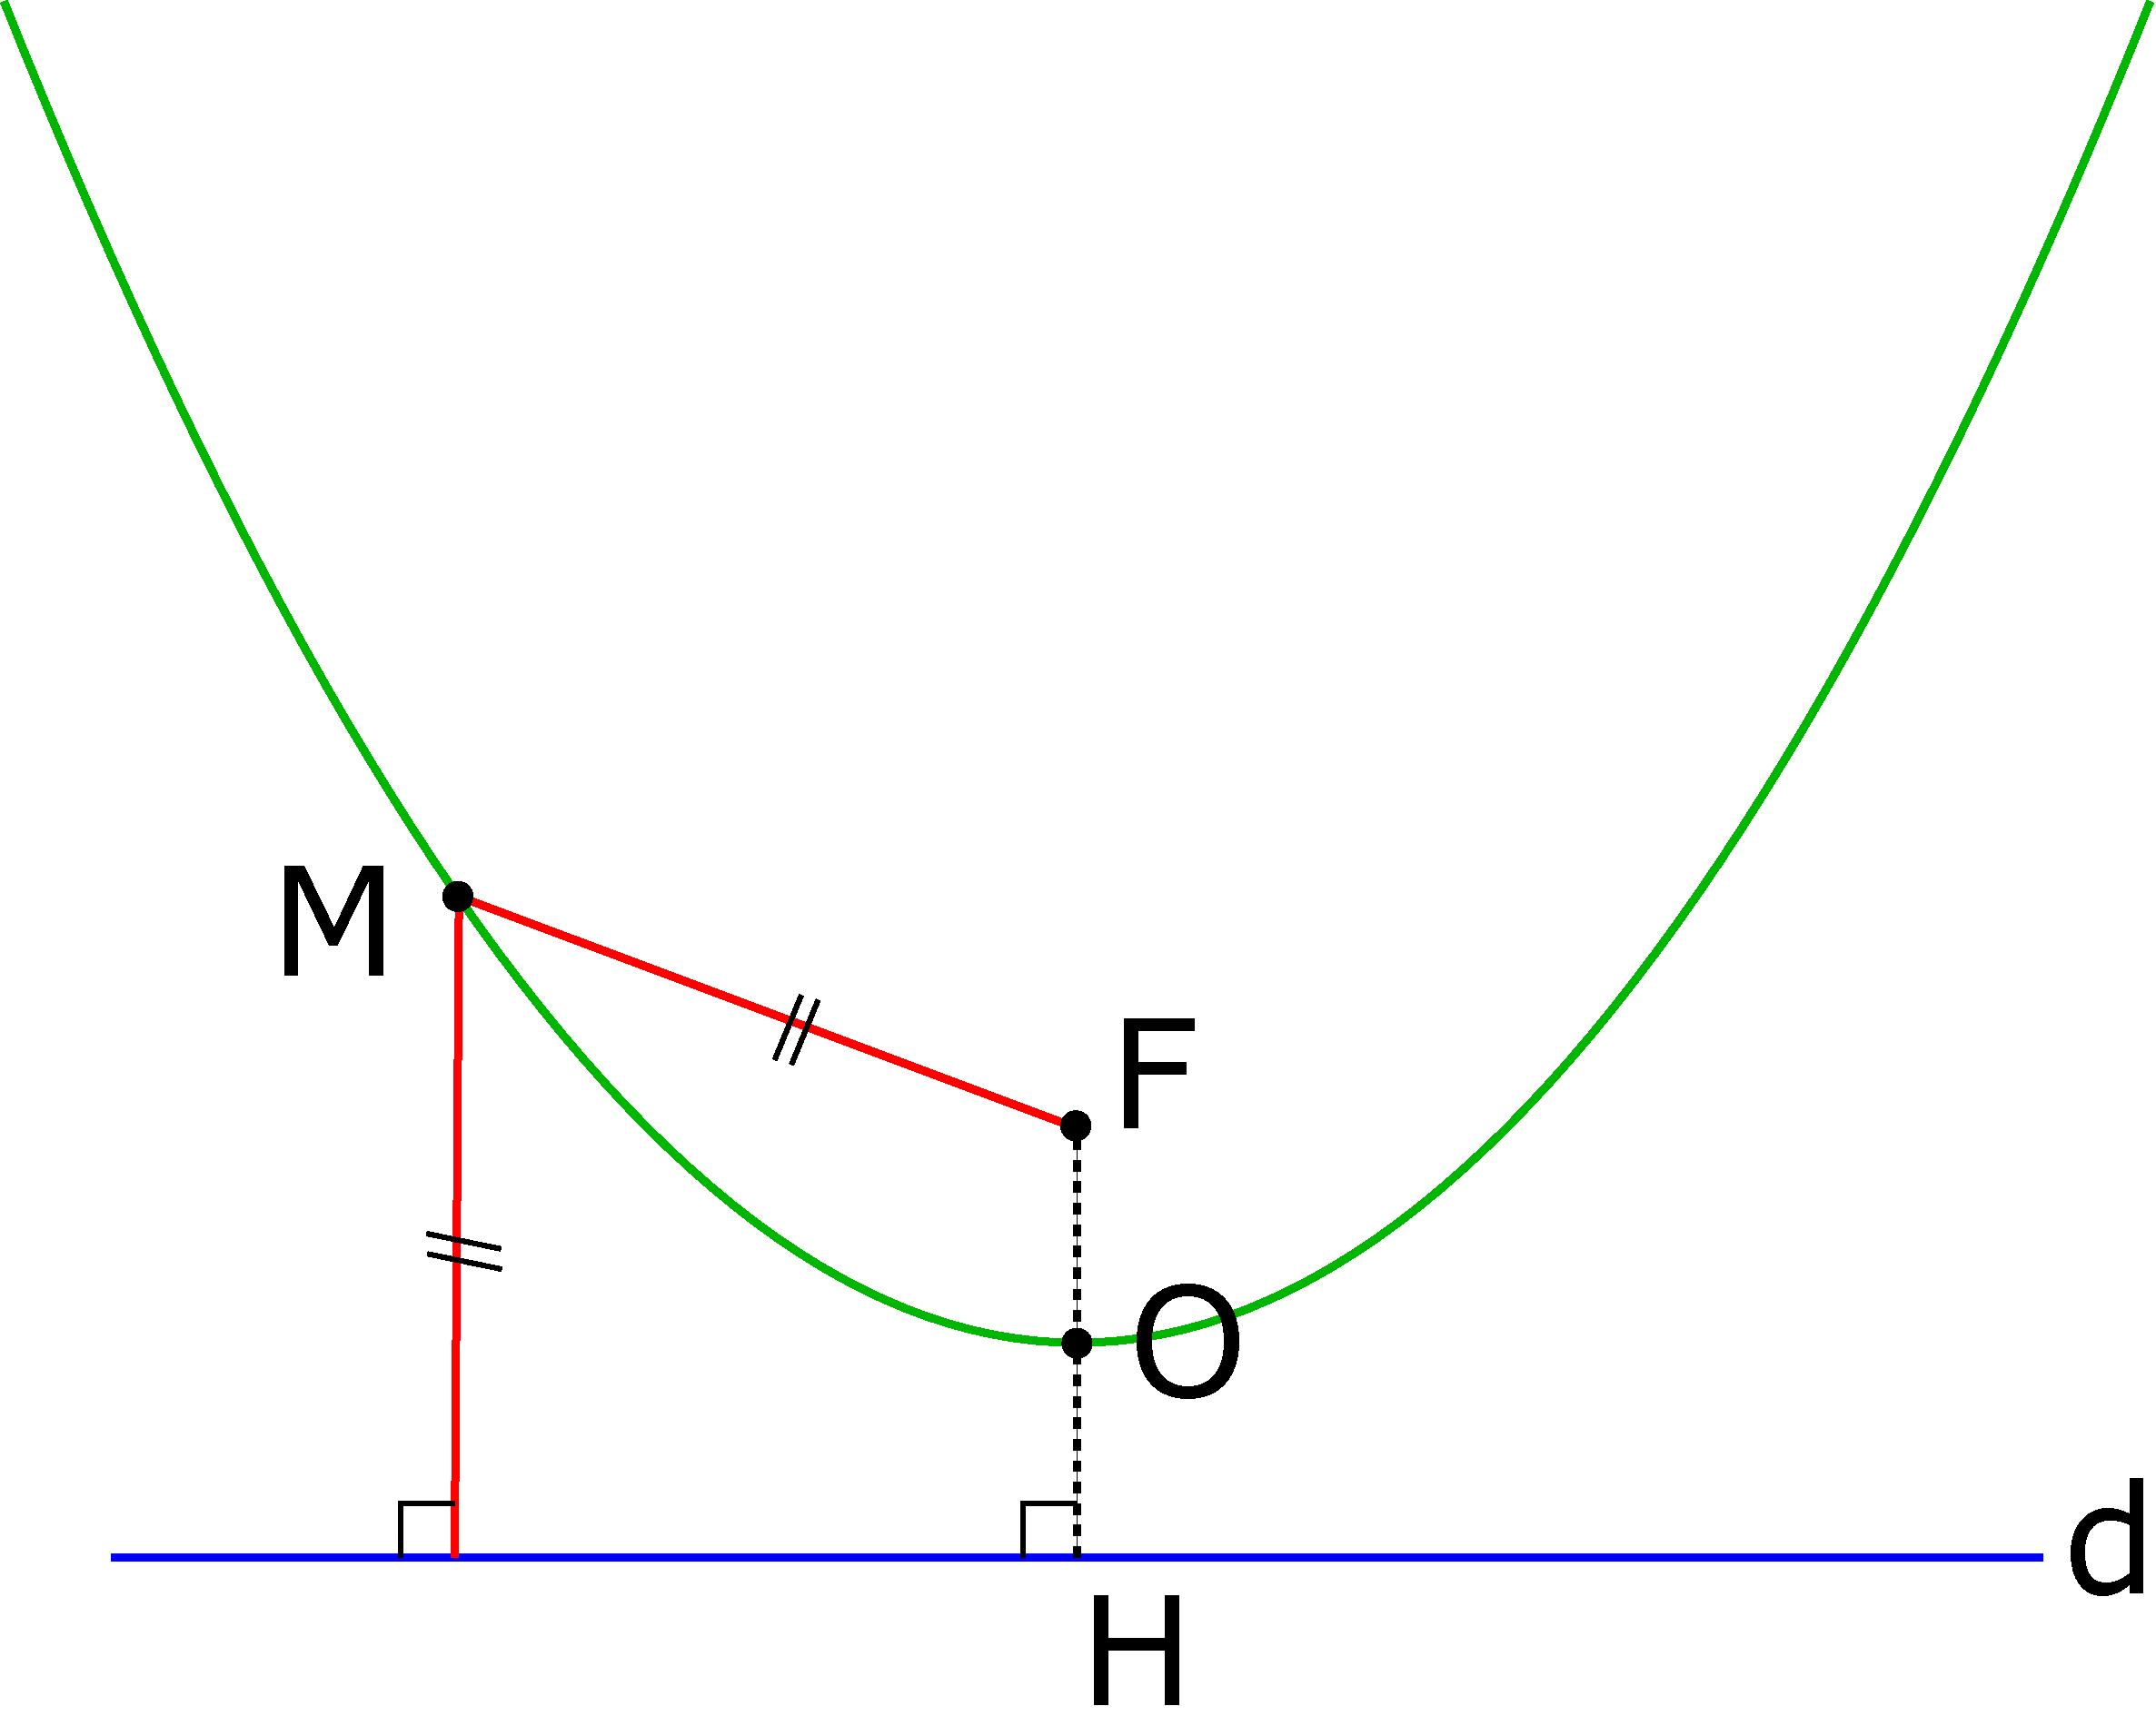 Définition géométrique d'une parabole